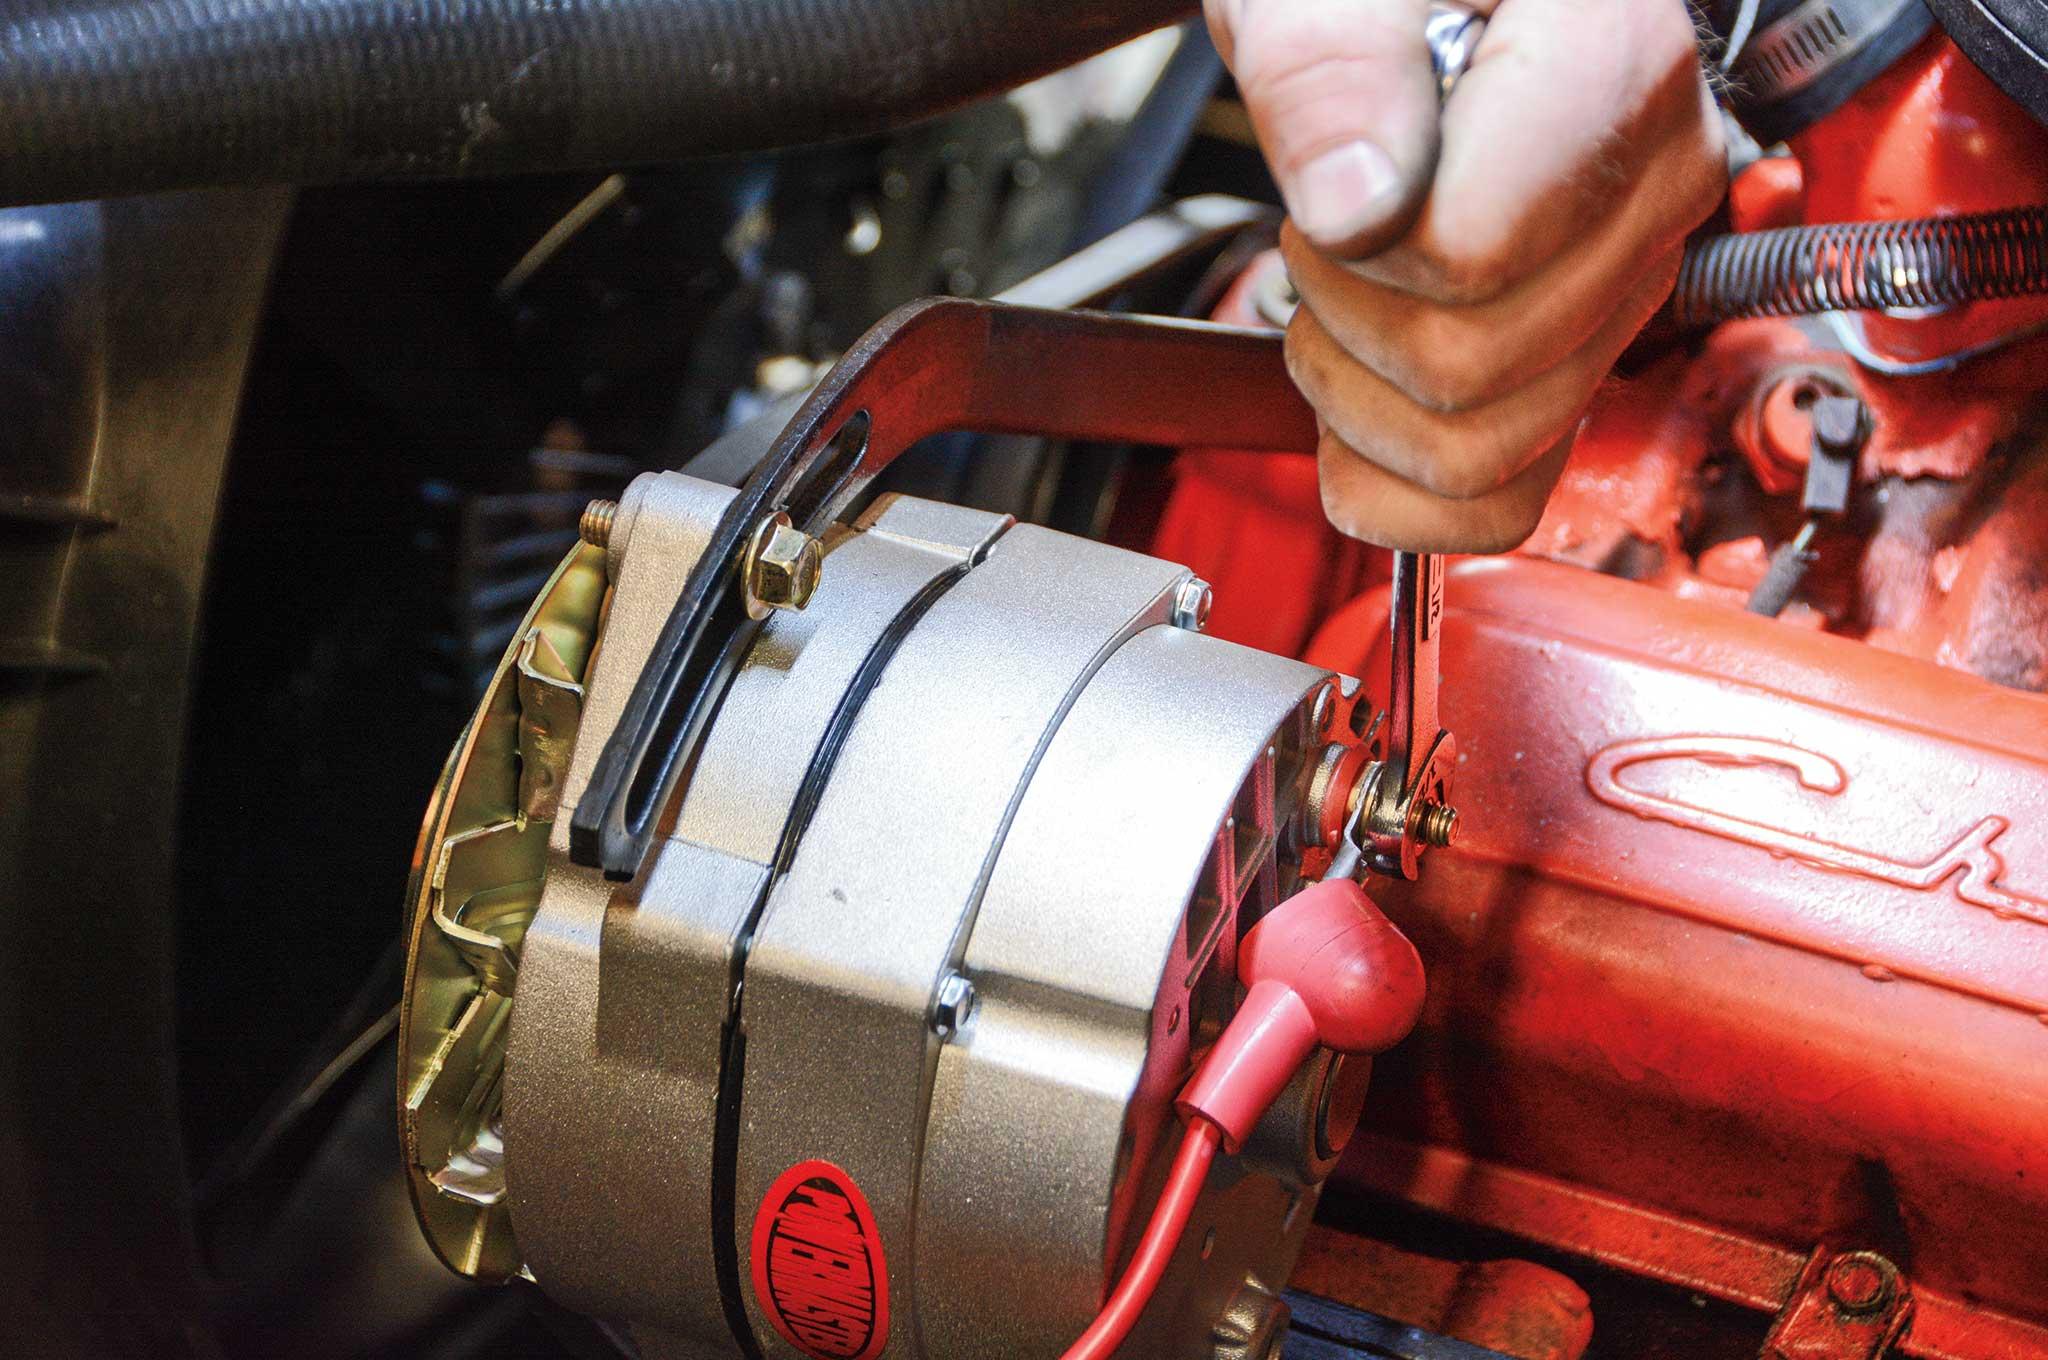 Alternator Wiring Diagram Chevy 350 Engine Alternator Wiring Diagram